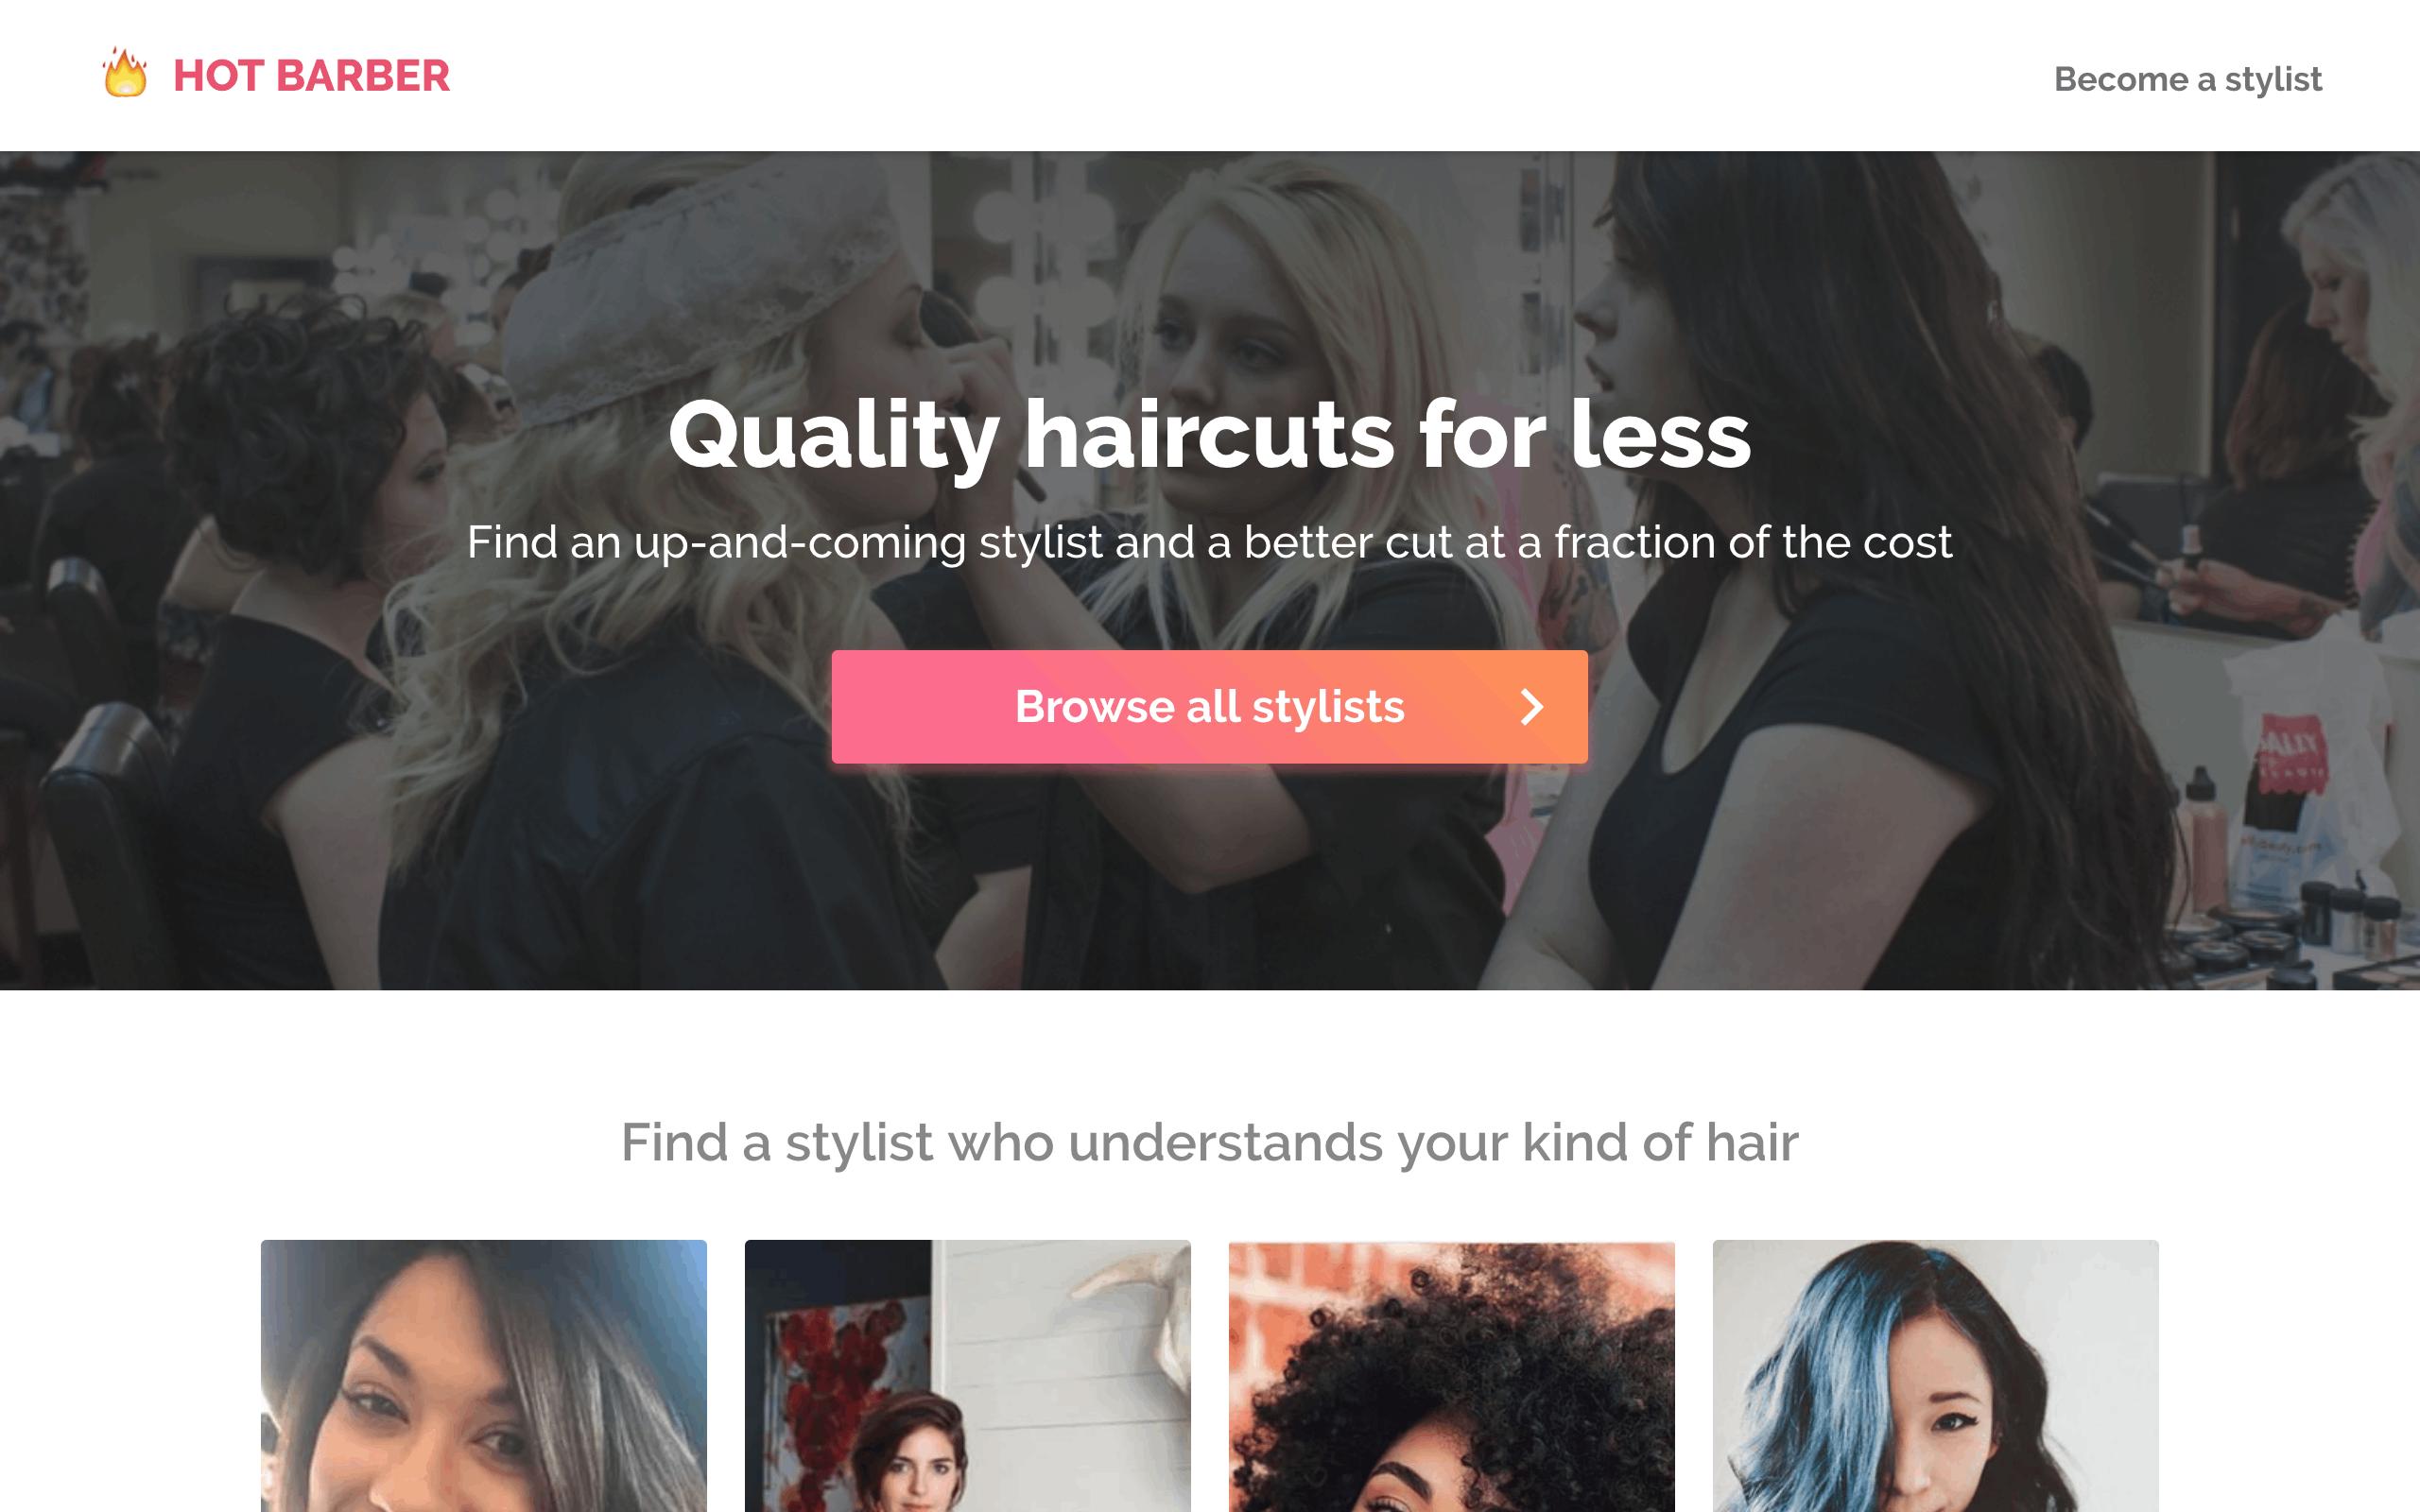 Hot Barber Website